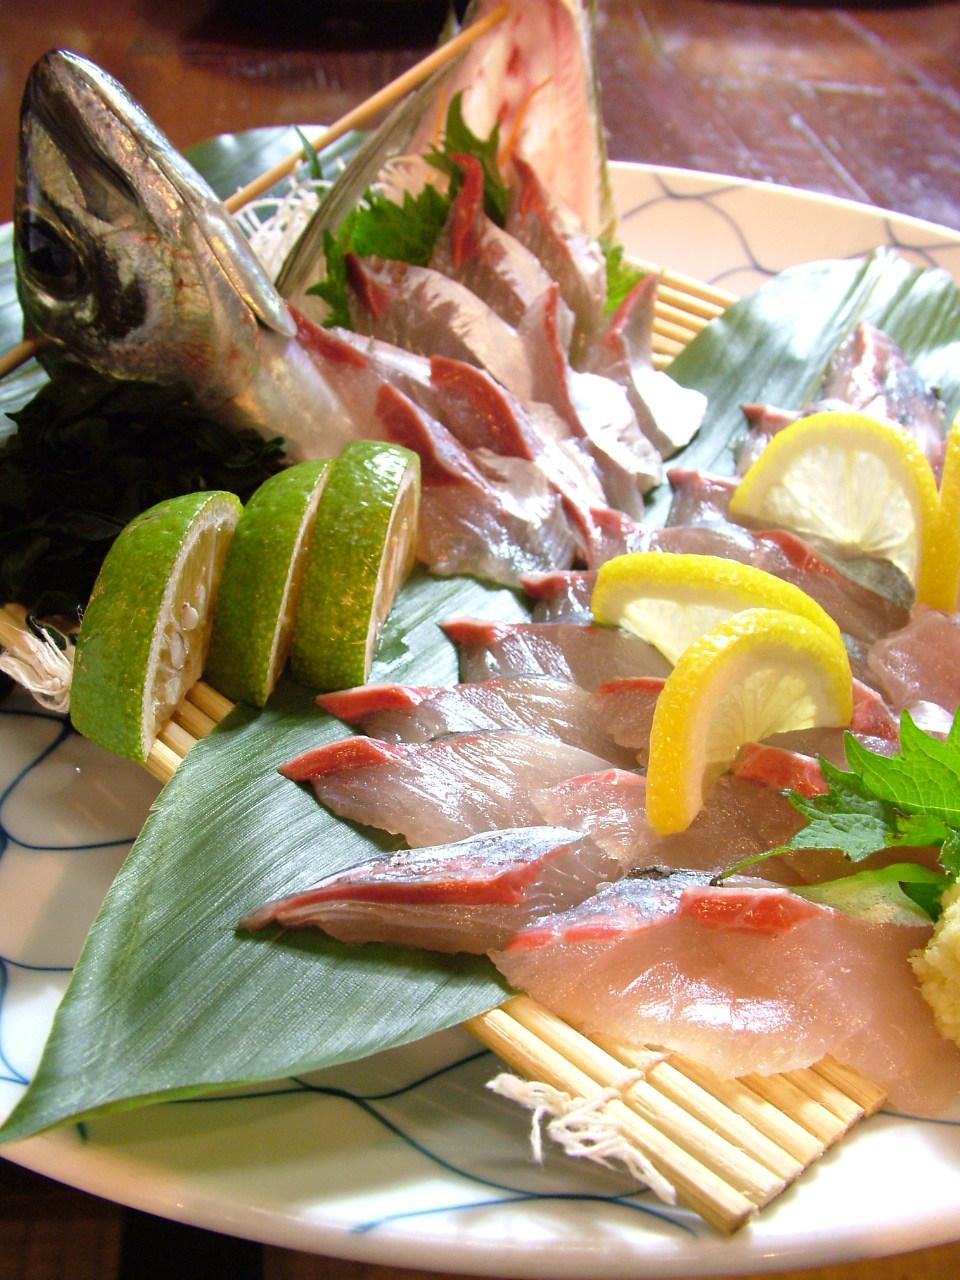 【4名以上】◆居酒屋かみ風船 1泊2食 宴会プラン(飲み放題付き)◆